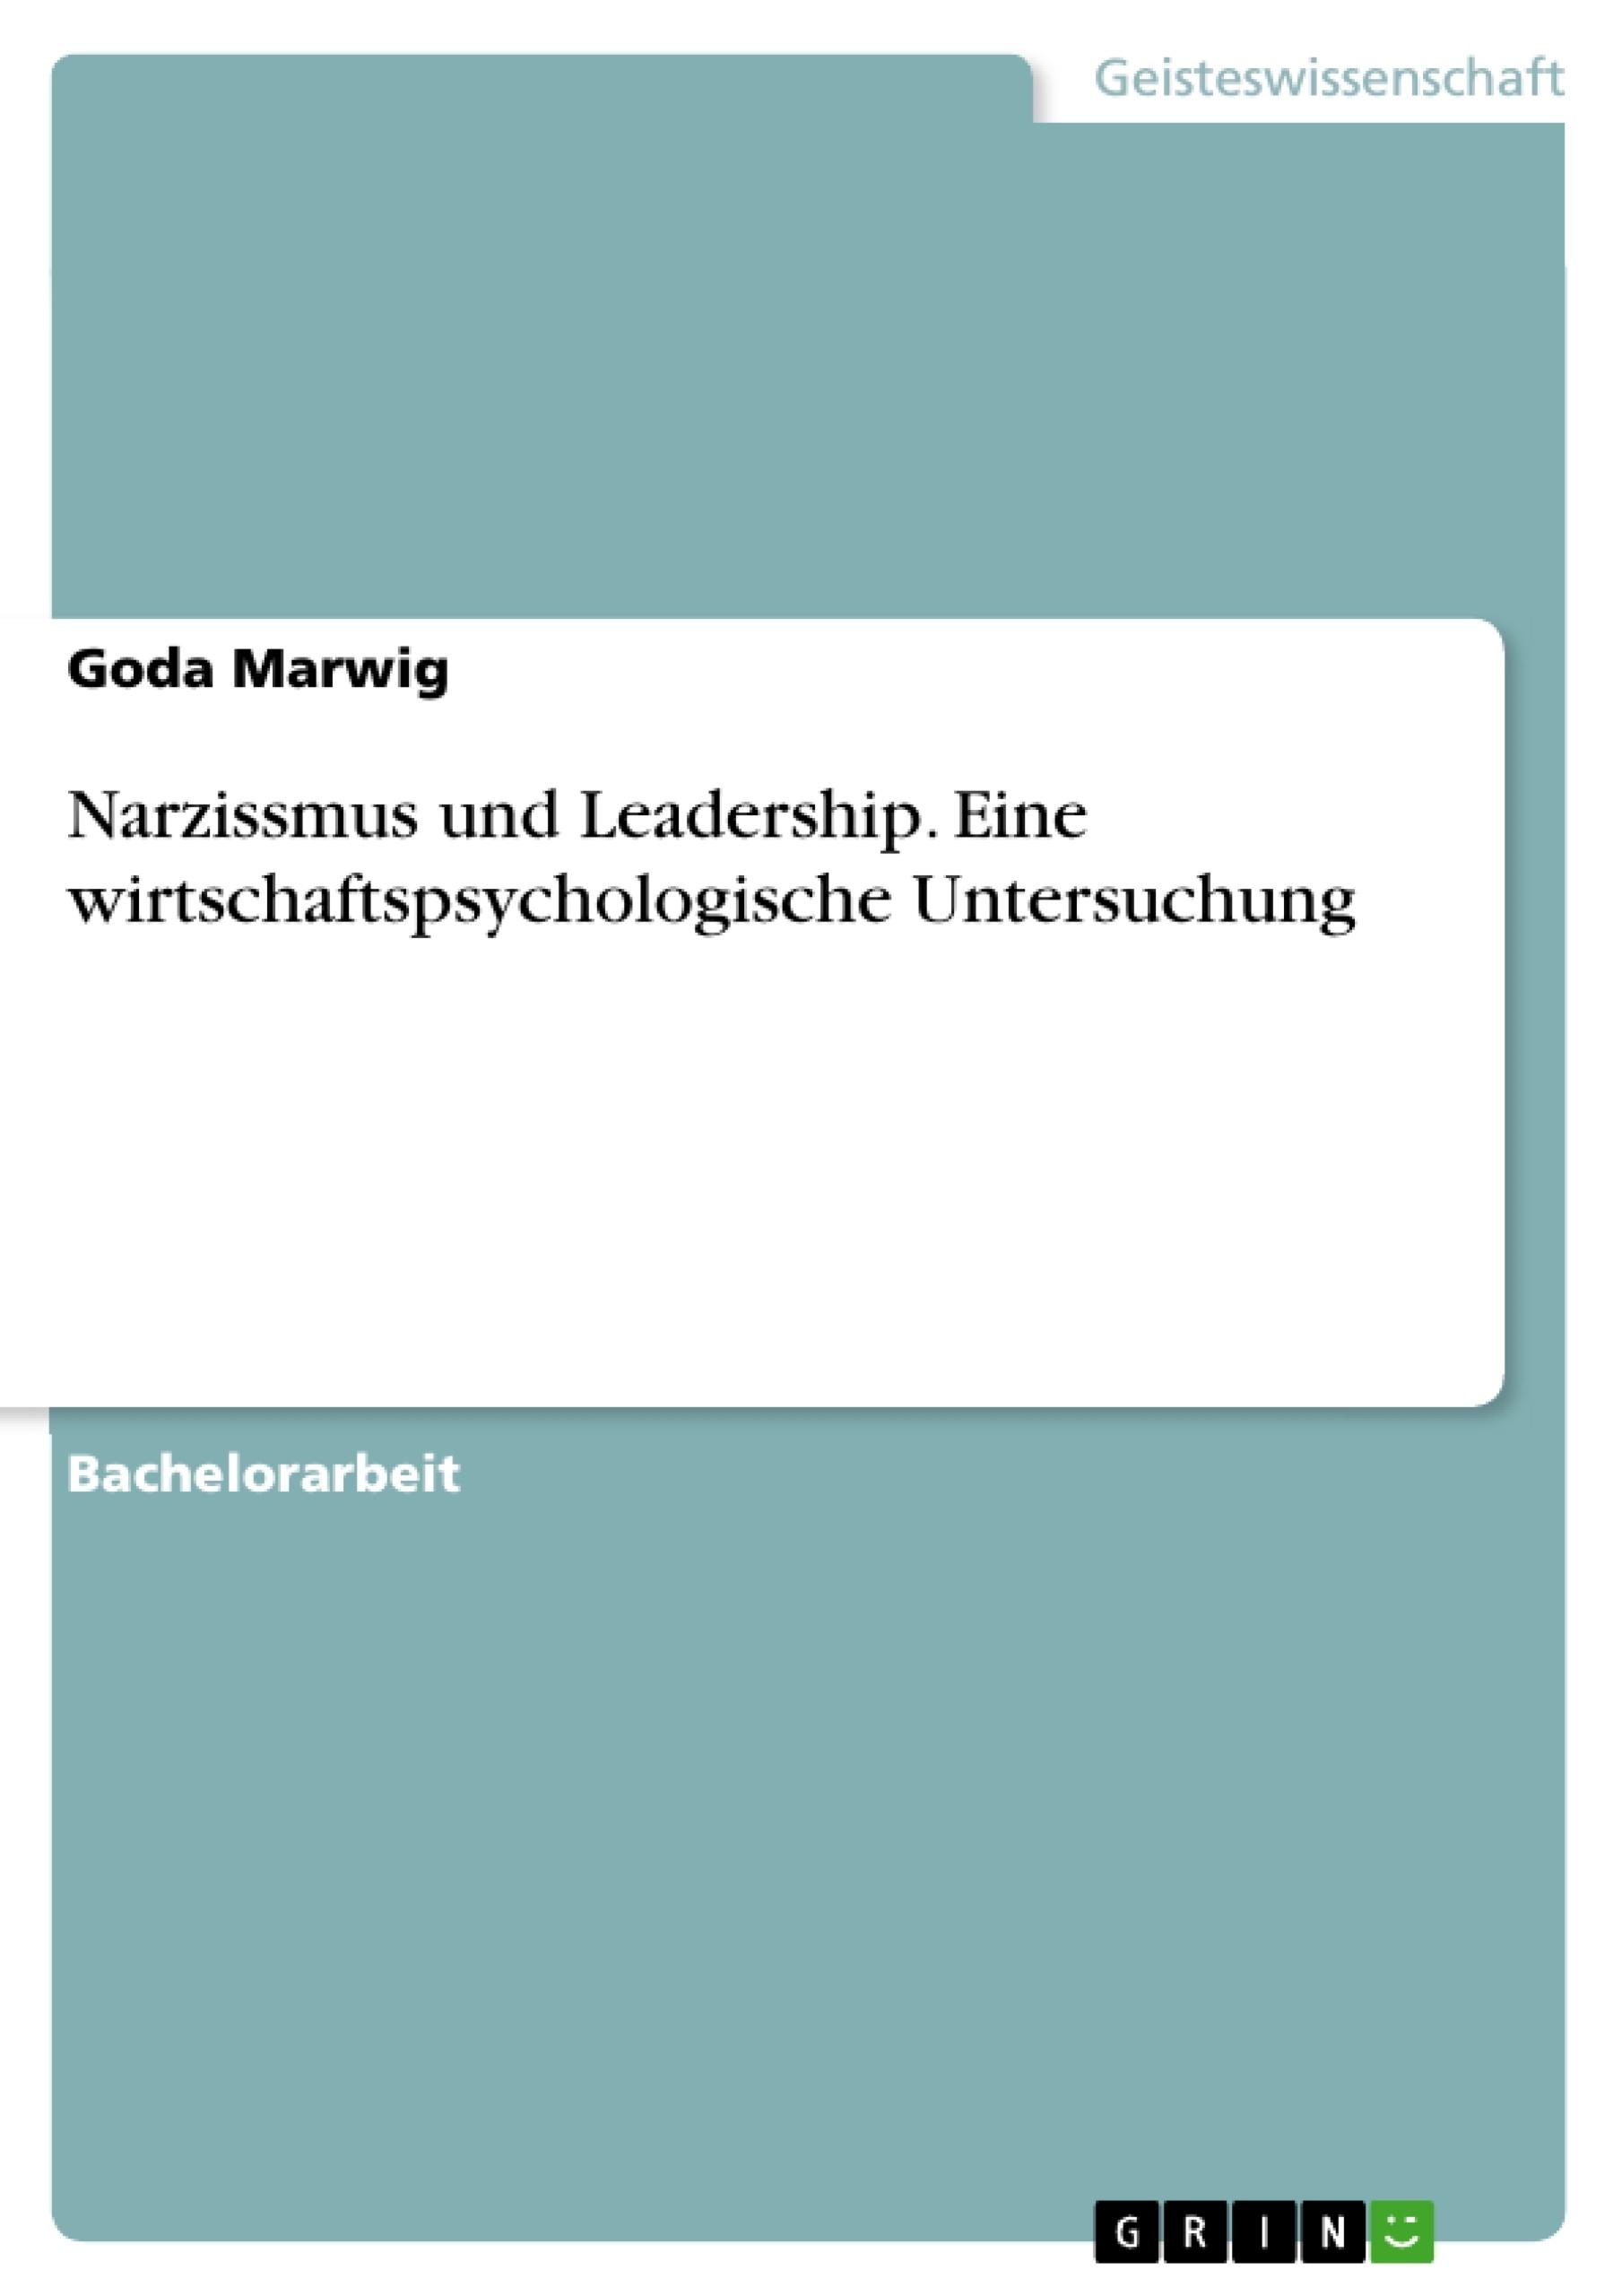 Titel: Narzissmus und Leadership. Eine wirtschaftspsychologische Untersuchung